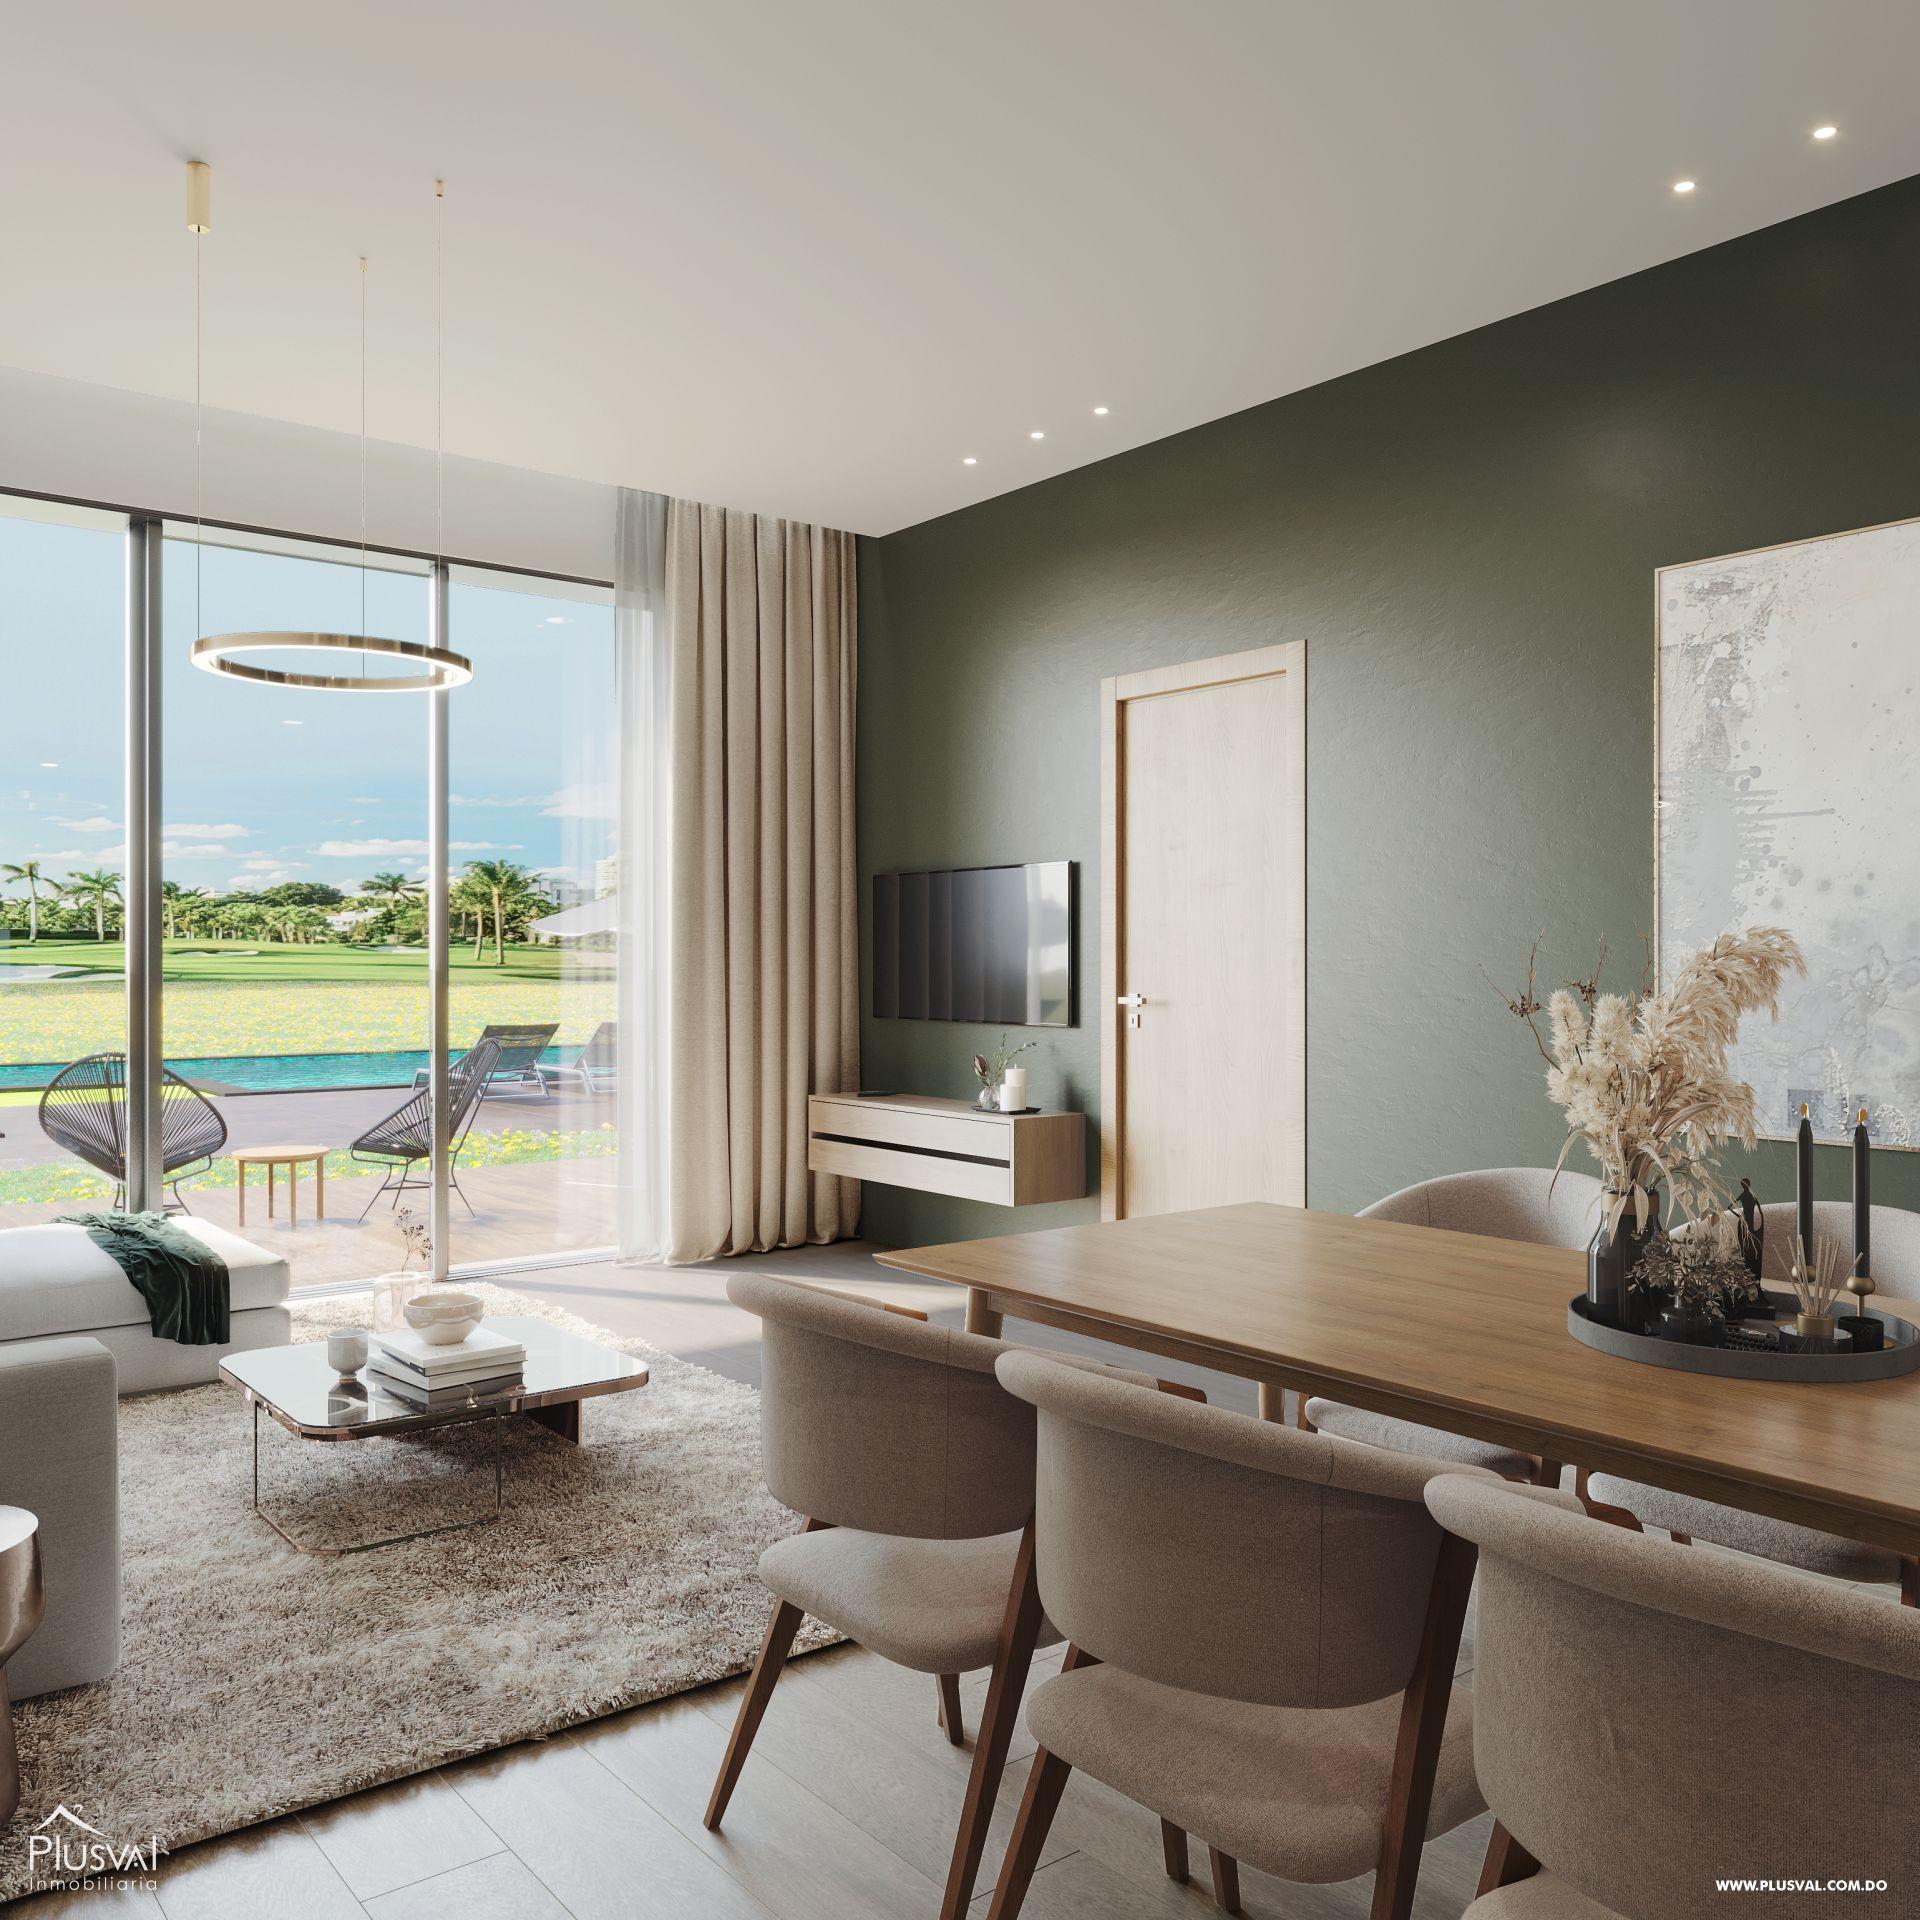 Apartamentos en Venta, en exclusiva comunidad en Cana Bay 190040